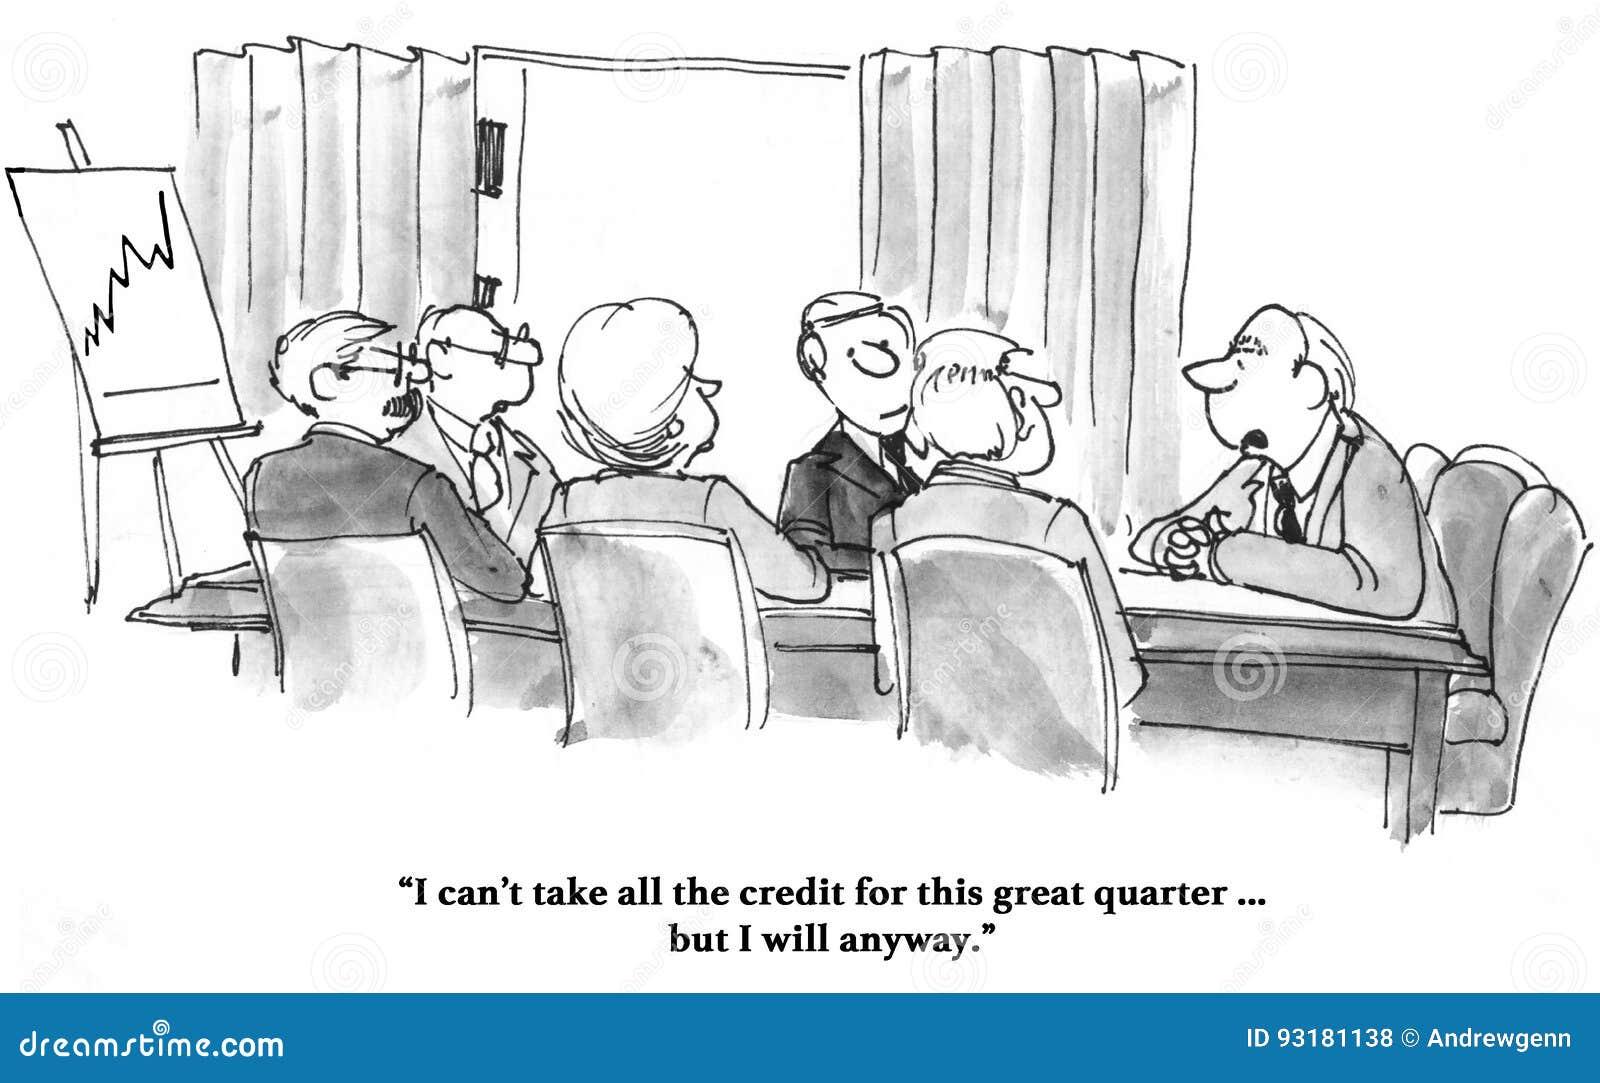 Как через госуслуги узнать кредитную историю